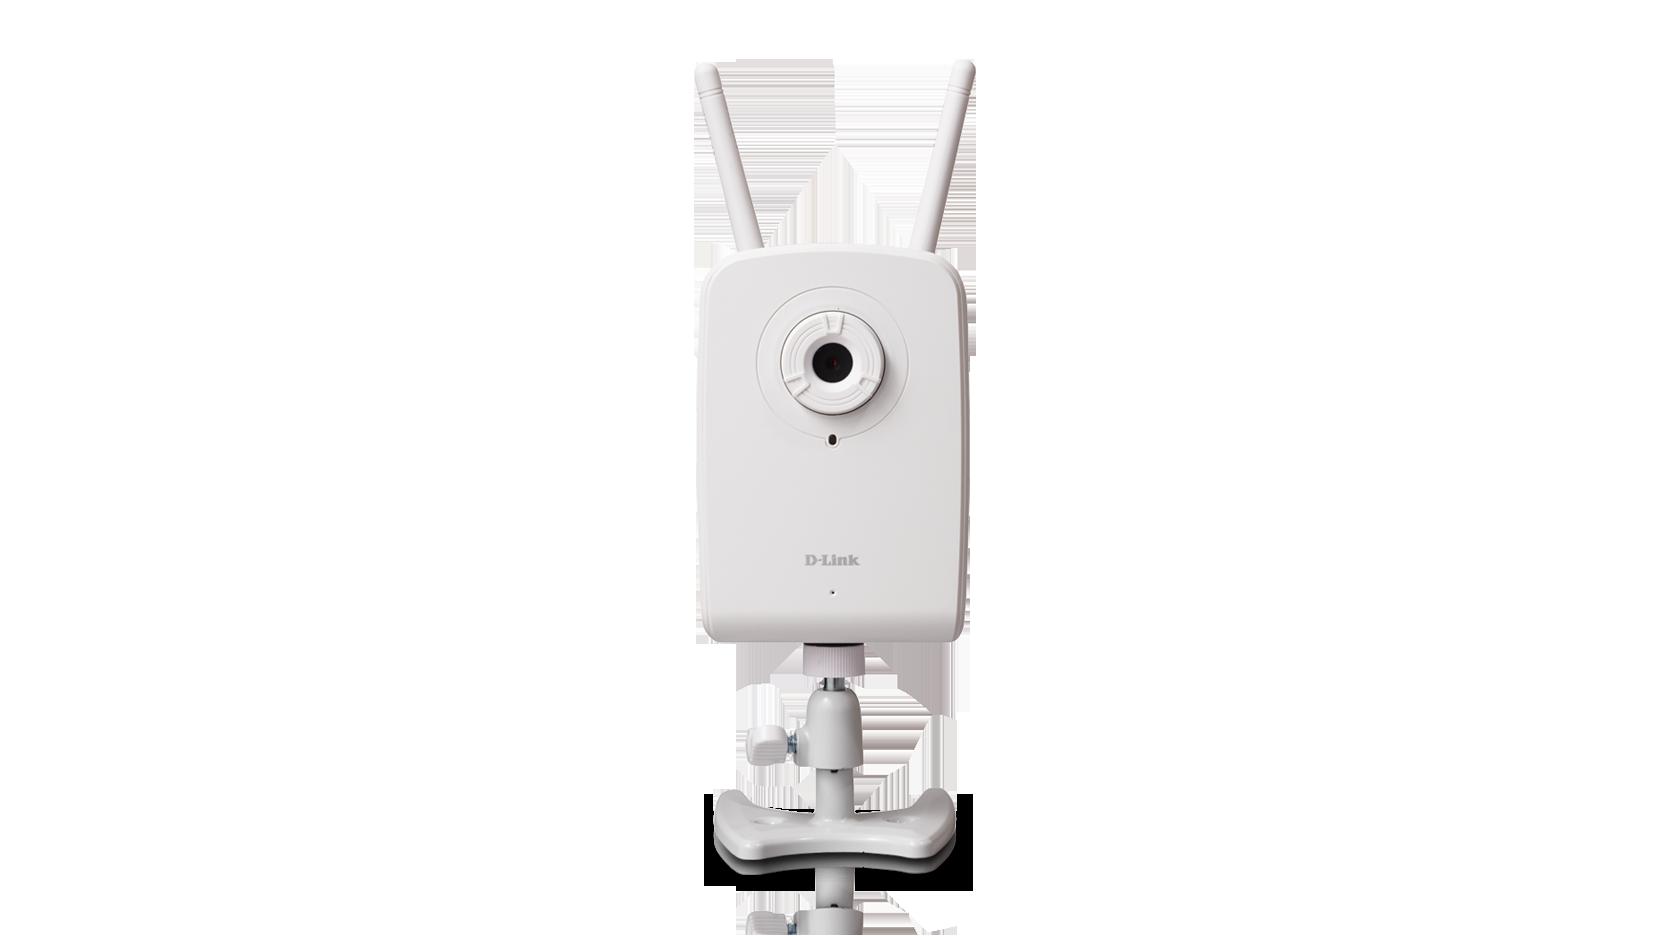 New Drivers: D-Link DCS-1130 Camera